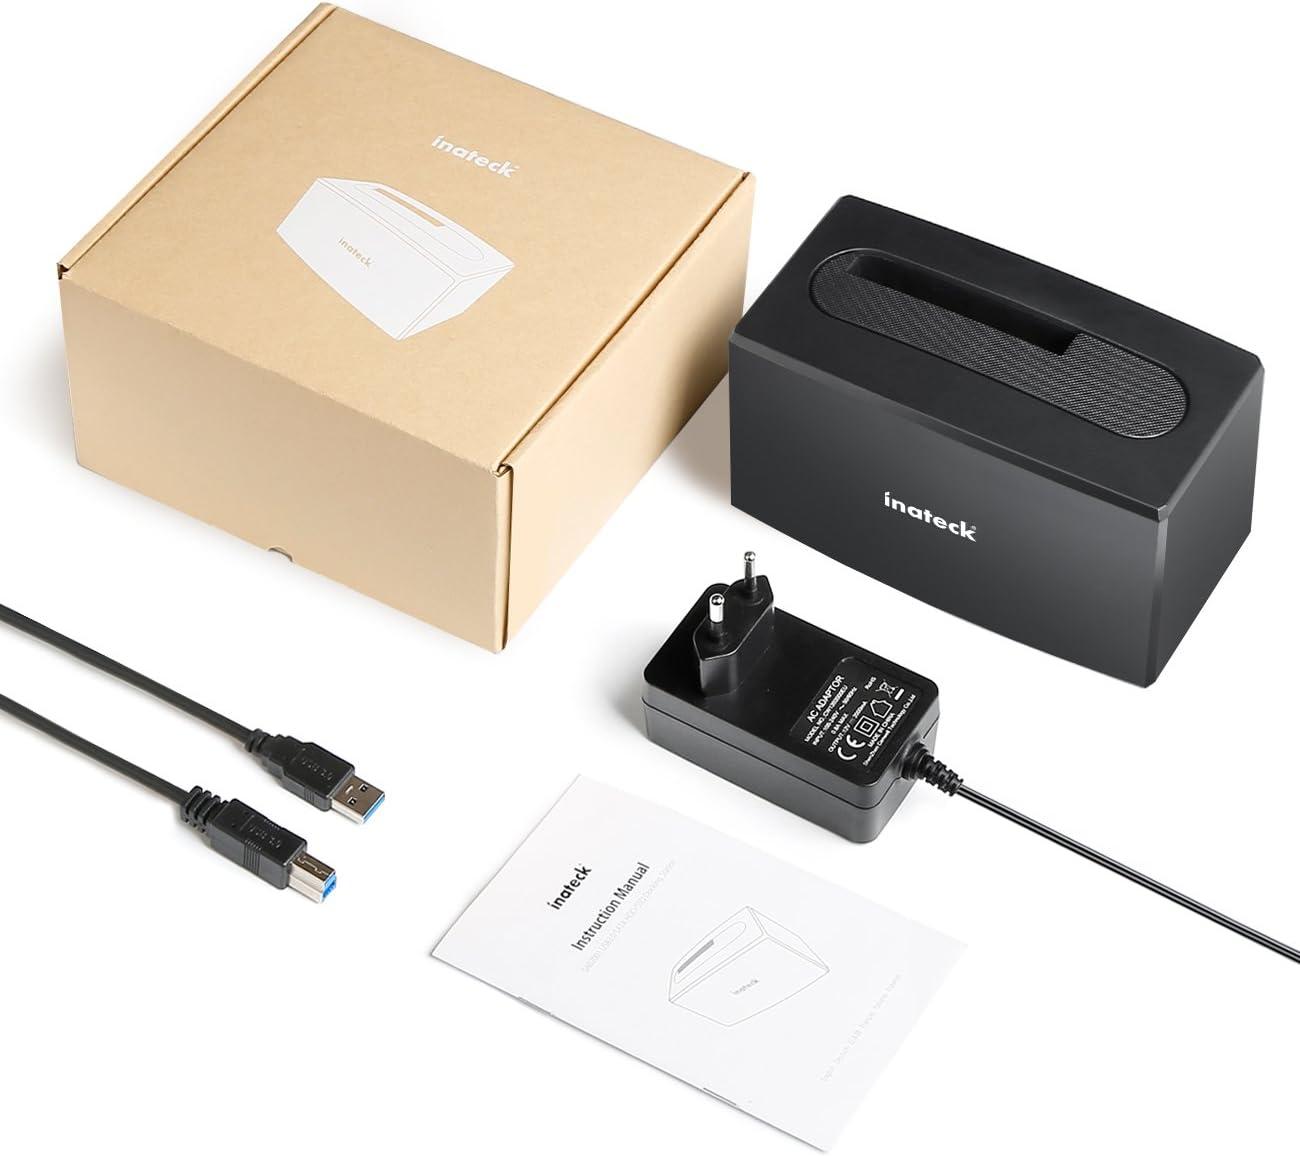 pour Les HDD SSD SATA I//II//III de 2,5 /& 3,5 Pouces Pas Besoin d/'Outil,SA02001 Inateck Station d/'Accueil de Disque Dur /à 1 Baie Compatible avec UASP et Disques de 10 to